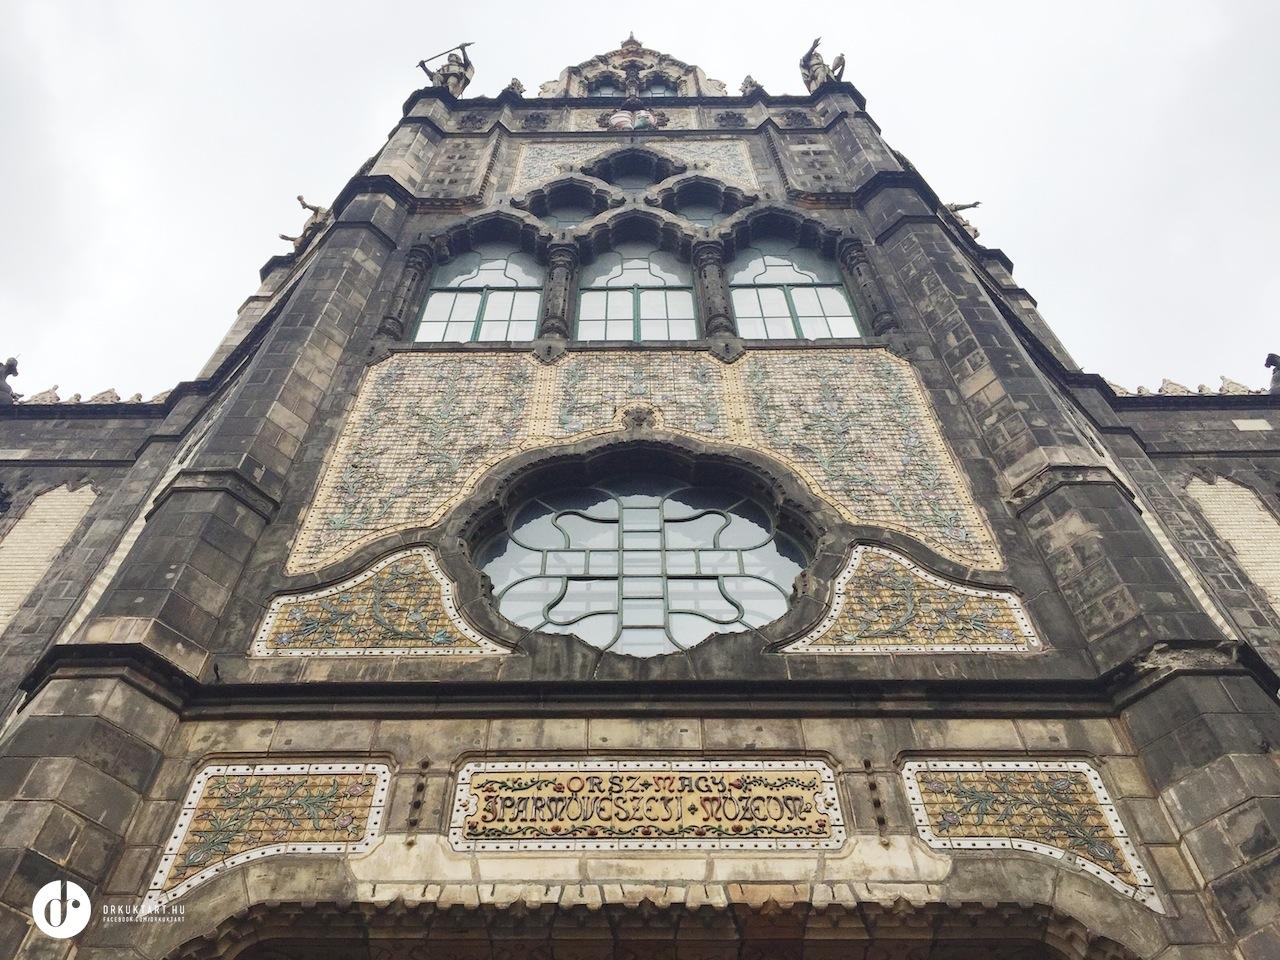 drkuktart_iparmuveszetimuzeum_museumofappliedarts02.JPG